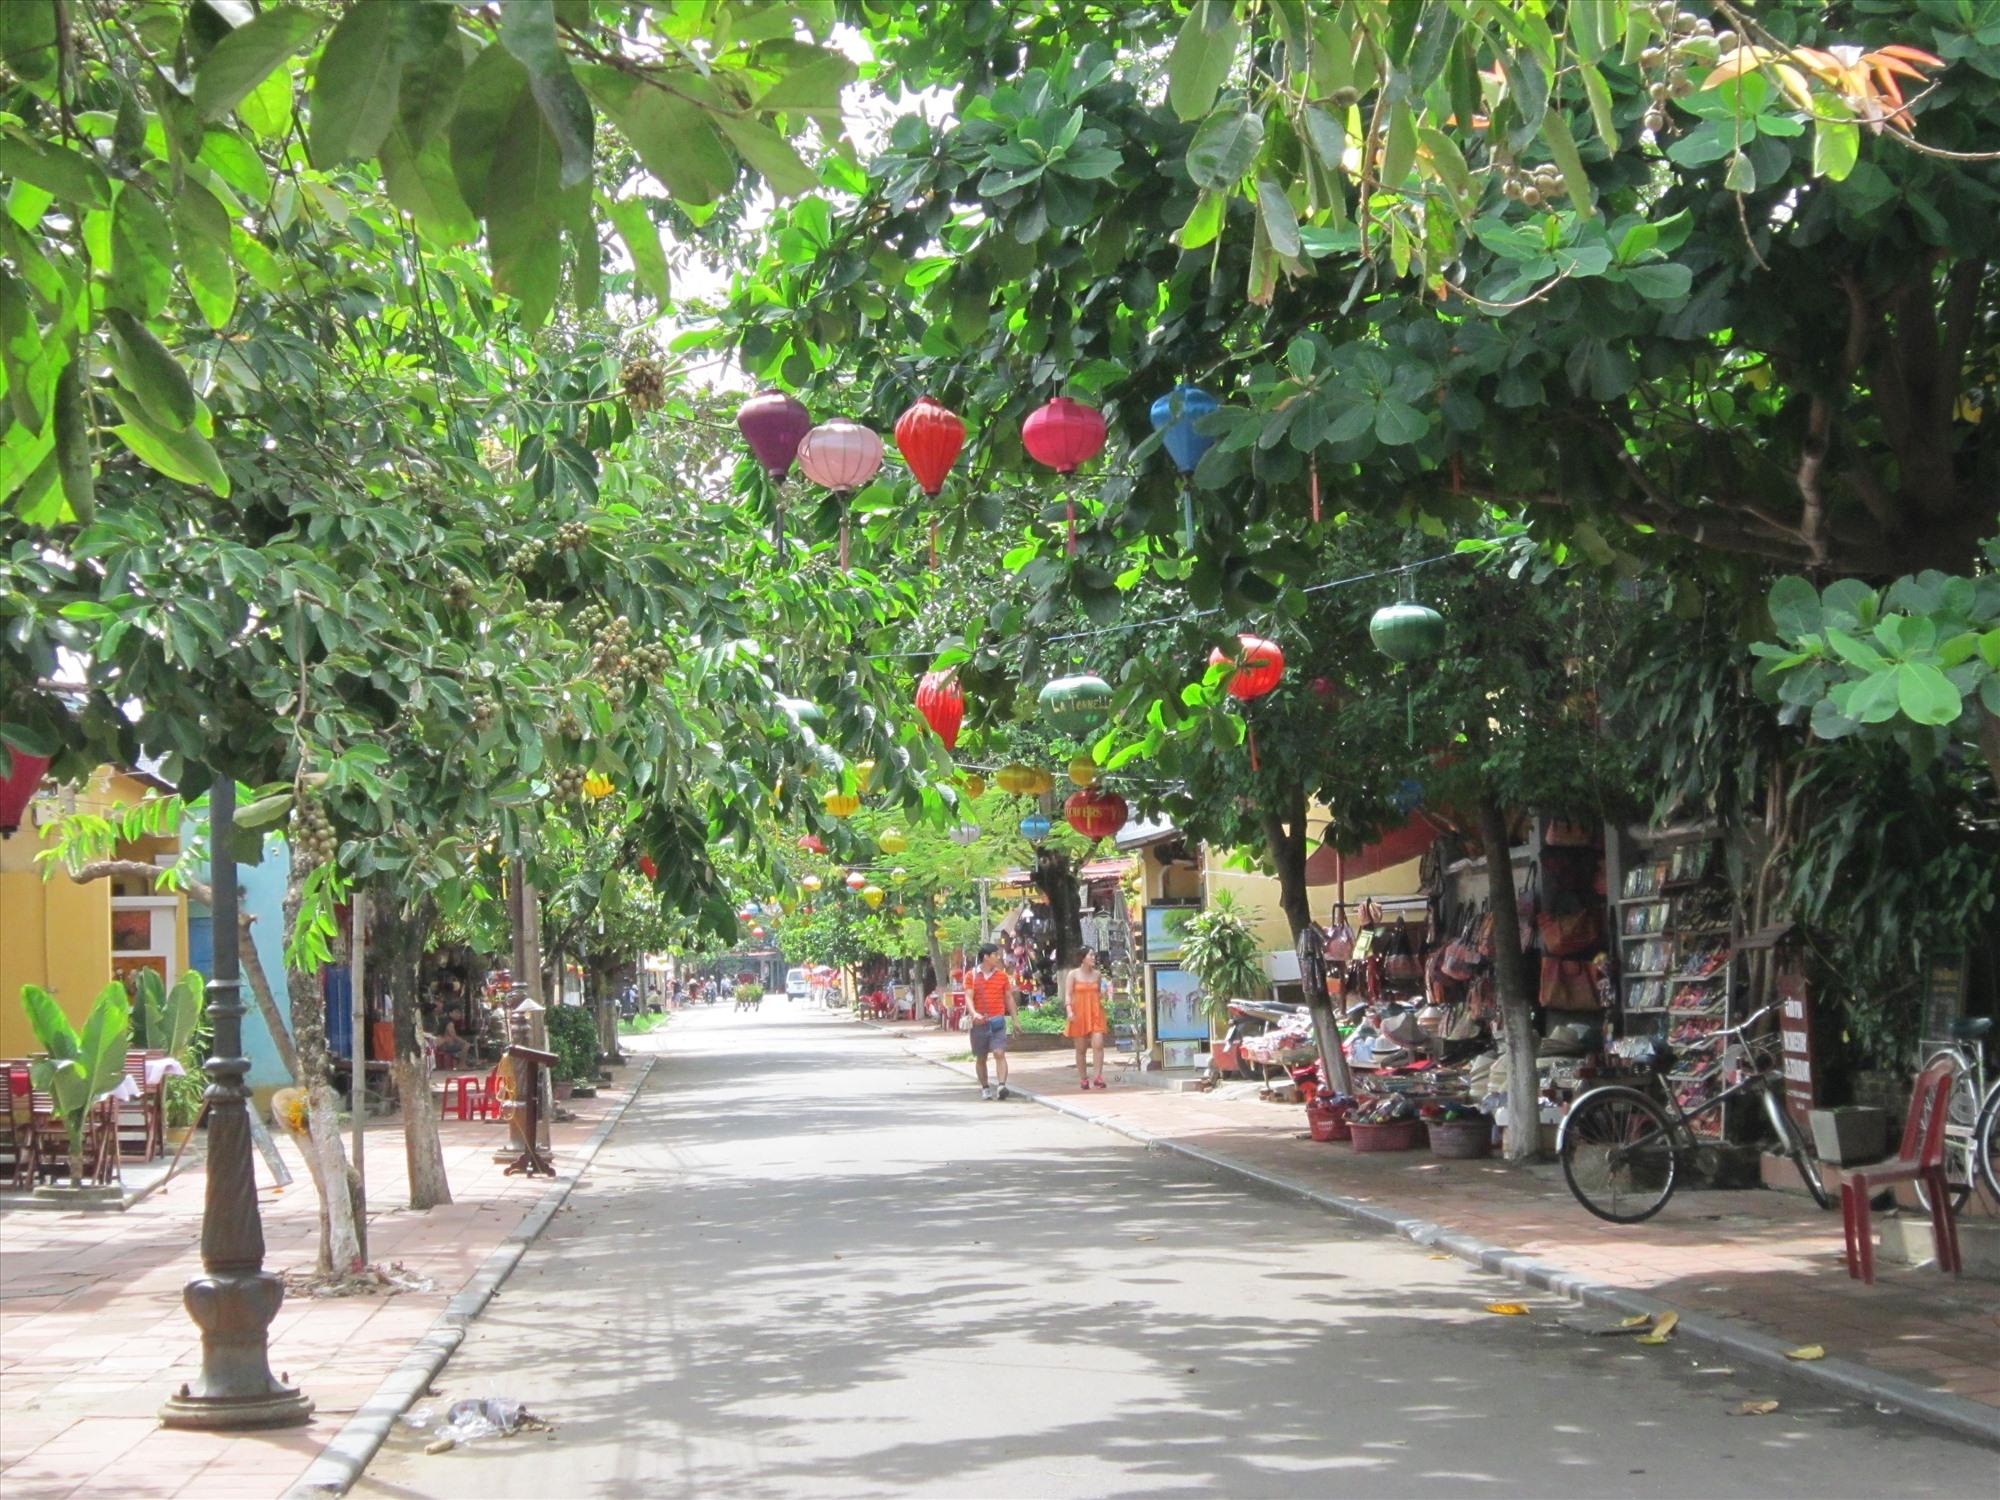 Quảng Nam thuê phần mềm du lịch thông minh. Trong ảnh: Bình yên phố Hội. Ảnh: C.N